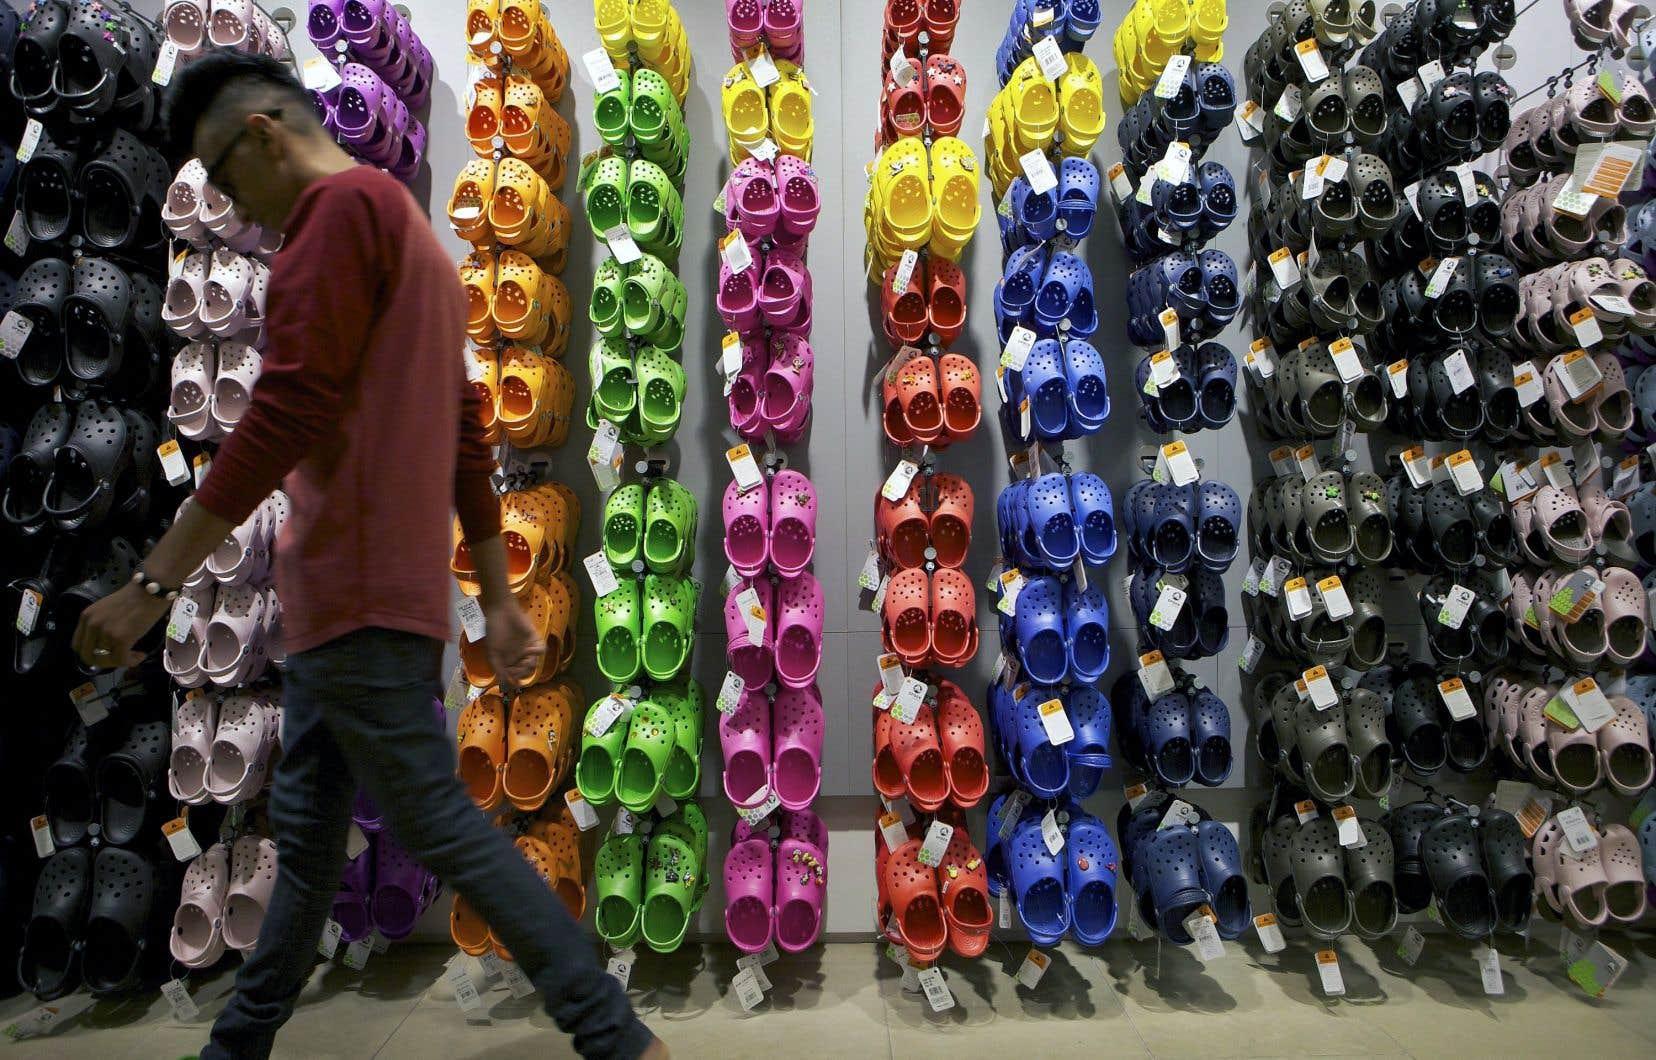 Créée en 2002, la marque a écoulé 200millions de paires de chaussures dans 90 pays en12 ans.